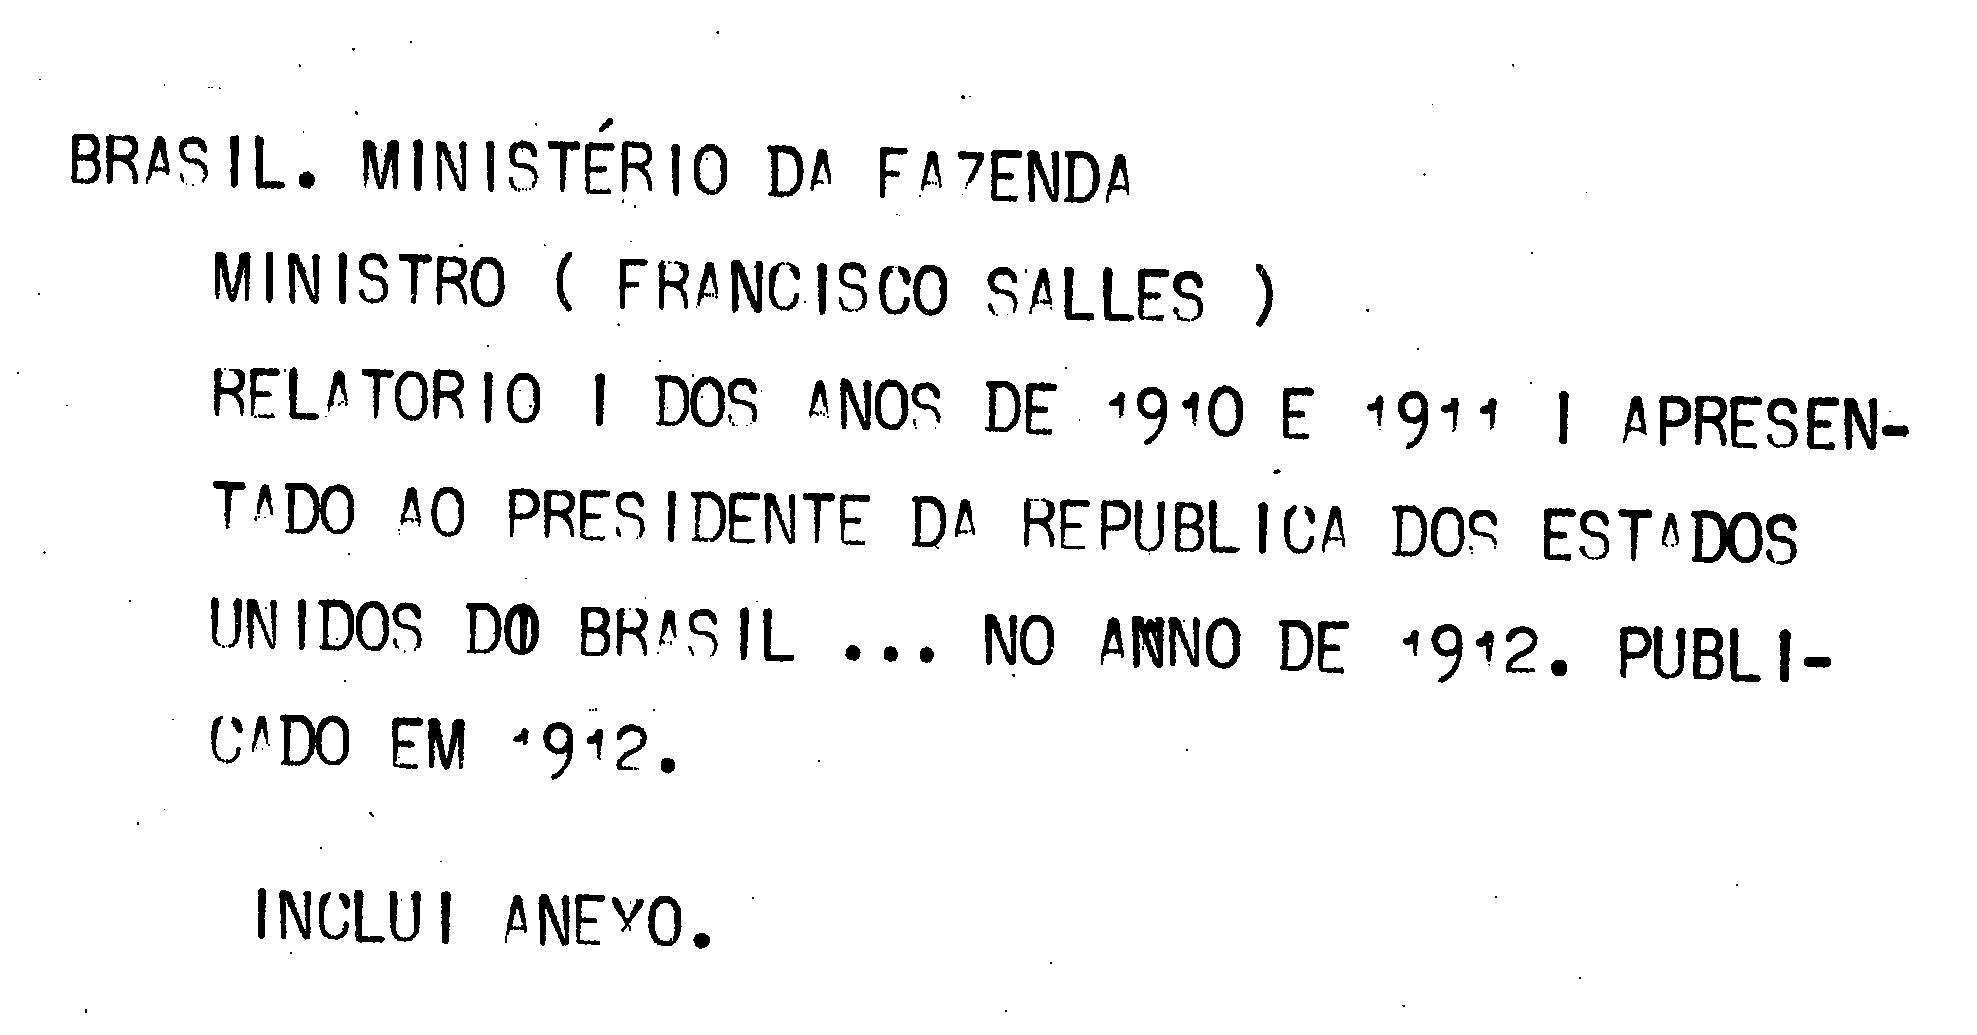 Ministerio da Fazenda - Relatório apresentado ao presidente da República dos Estados Unidos do Brazil pelo Dr. Francisco Salles Ministro de Estado dos Negócios da Fazenda no anno de 1912, 24º da República